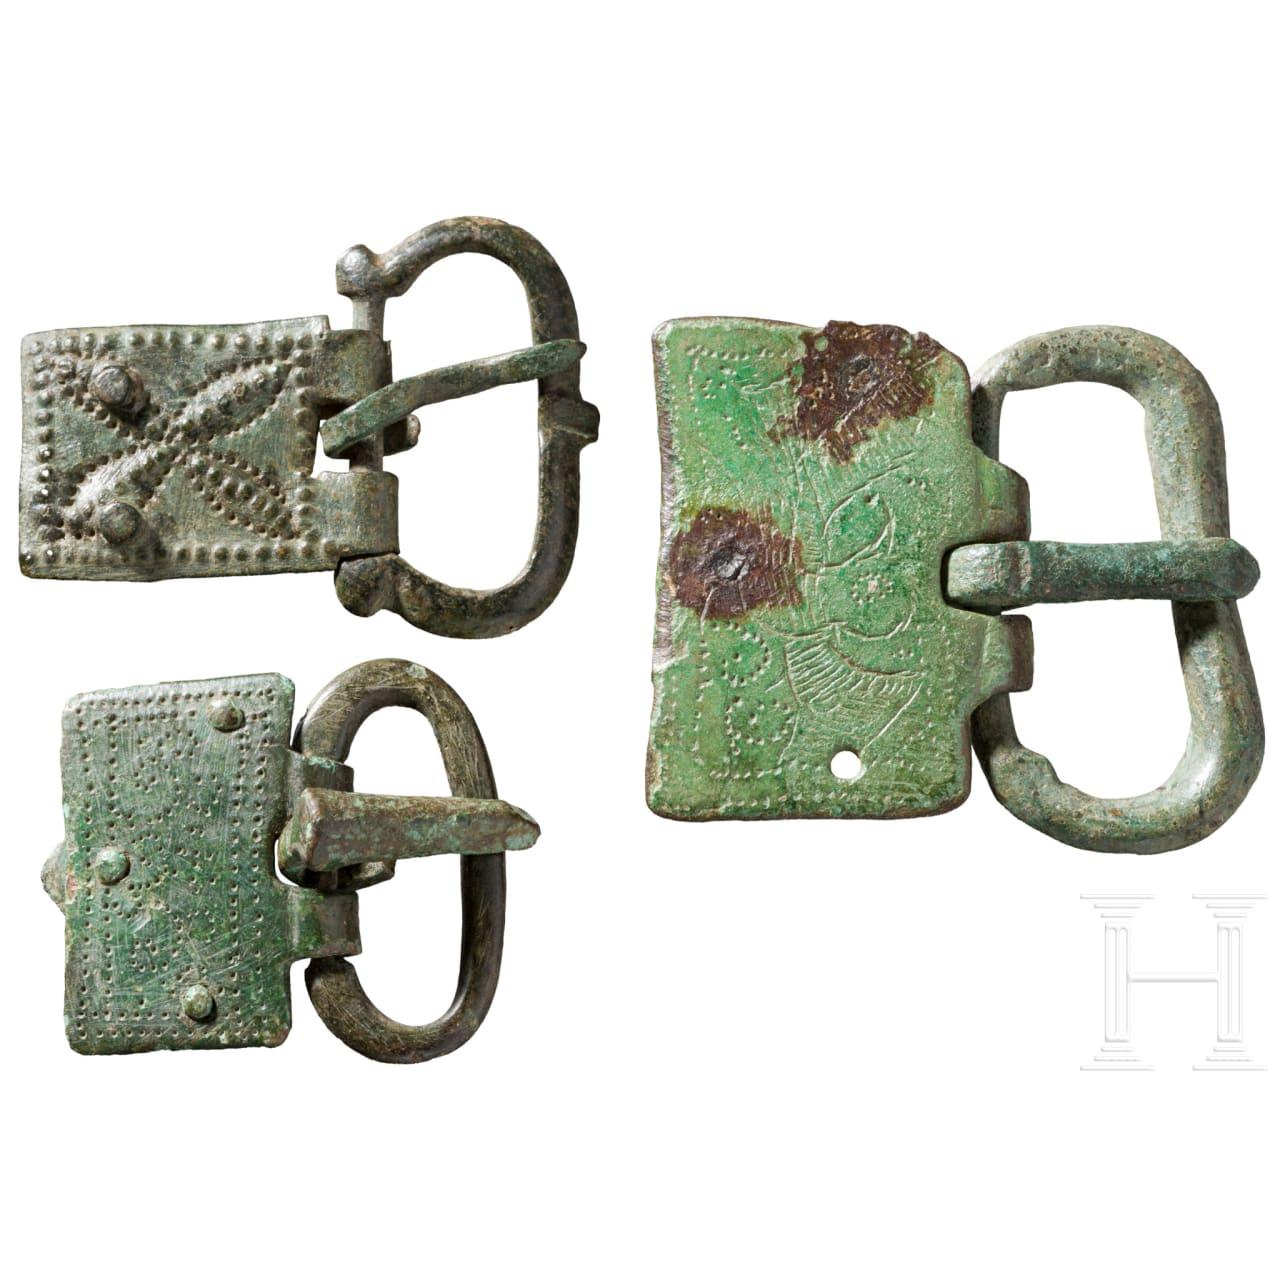 Drei Gürtelschnallen mit punzverzierten Platten, spätrömisch-frühbyzantinisch, 5. Jhdt. v. Chr.